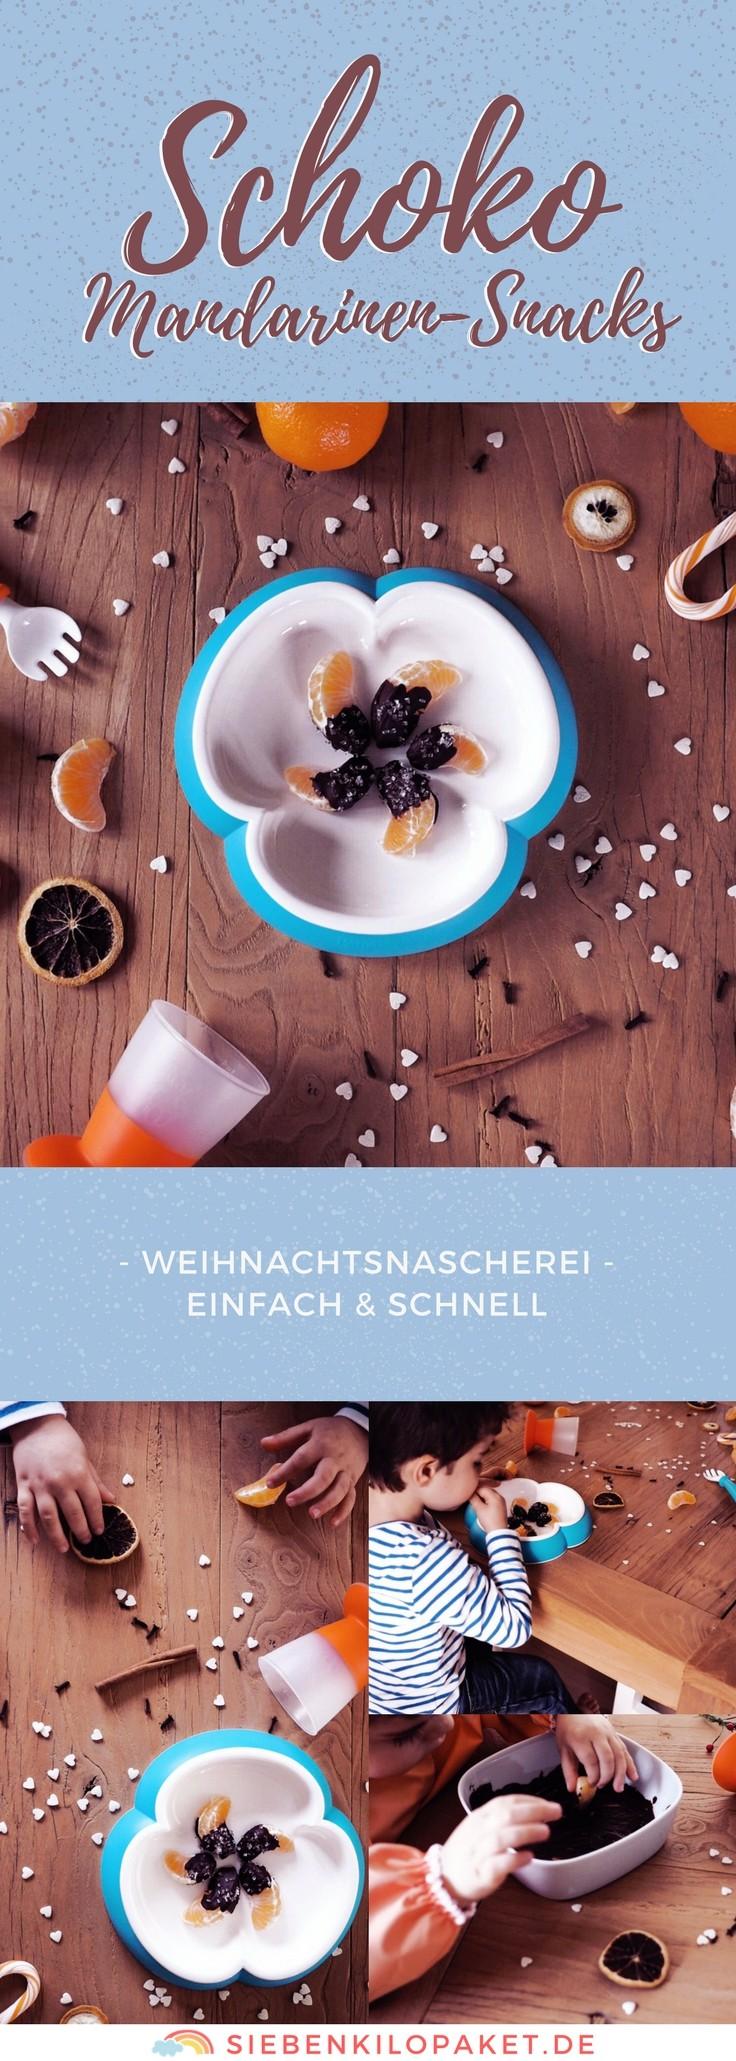 Schoko-Mandarinen-Snack: eine tolle Idee für Weihnachten mit Kindern - schnell und einfach gemacht #gemütlich #mandarine #schokolade #rezept